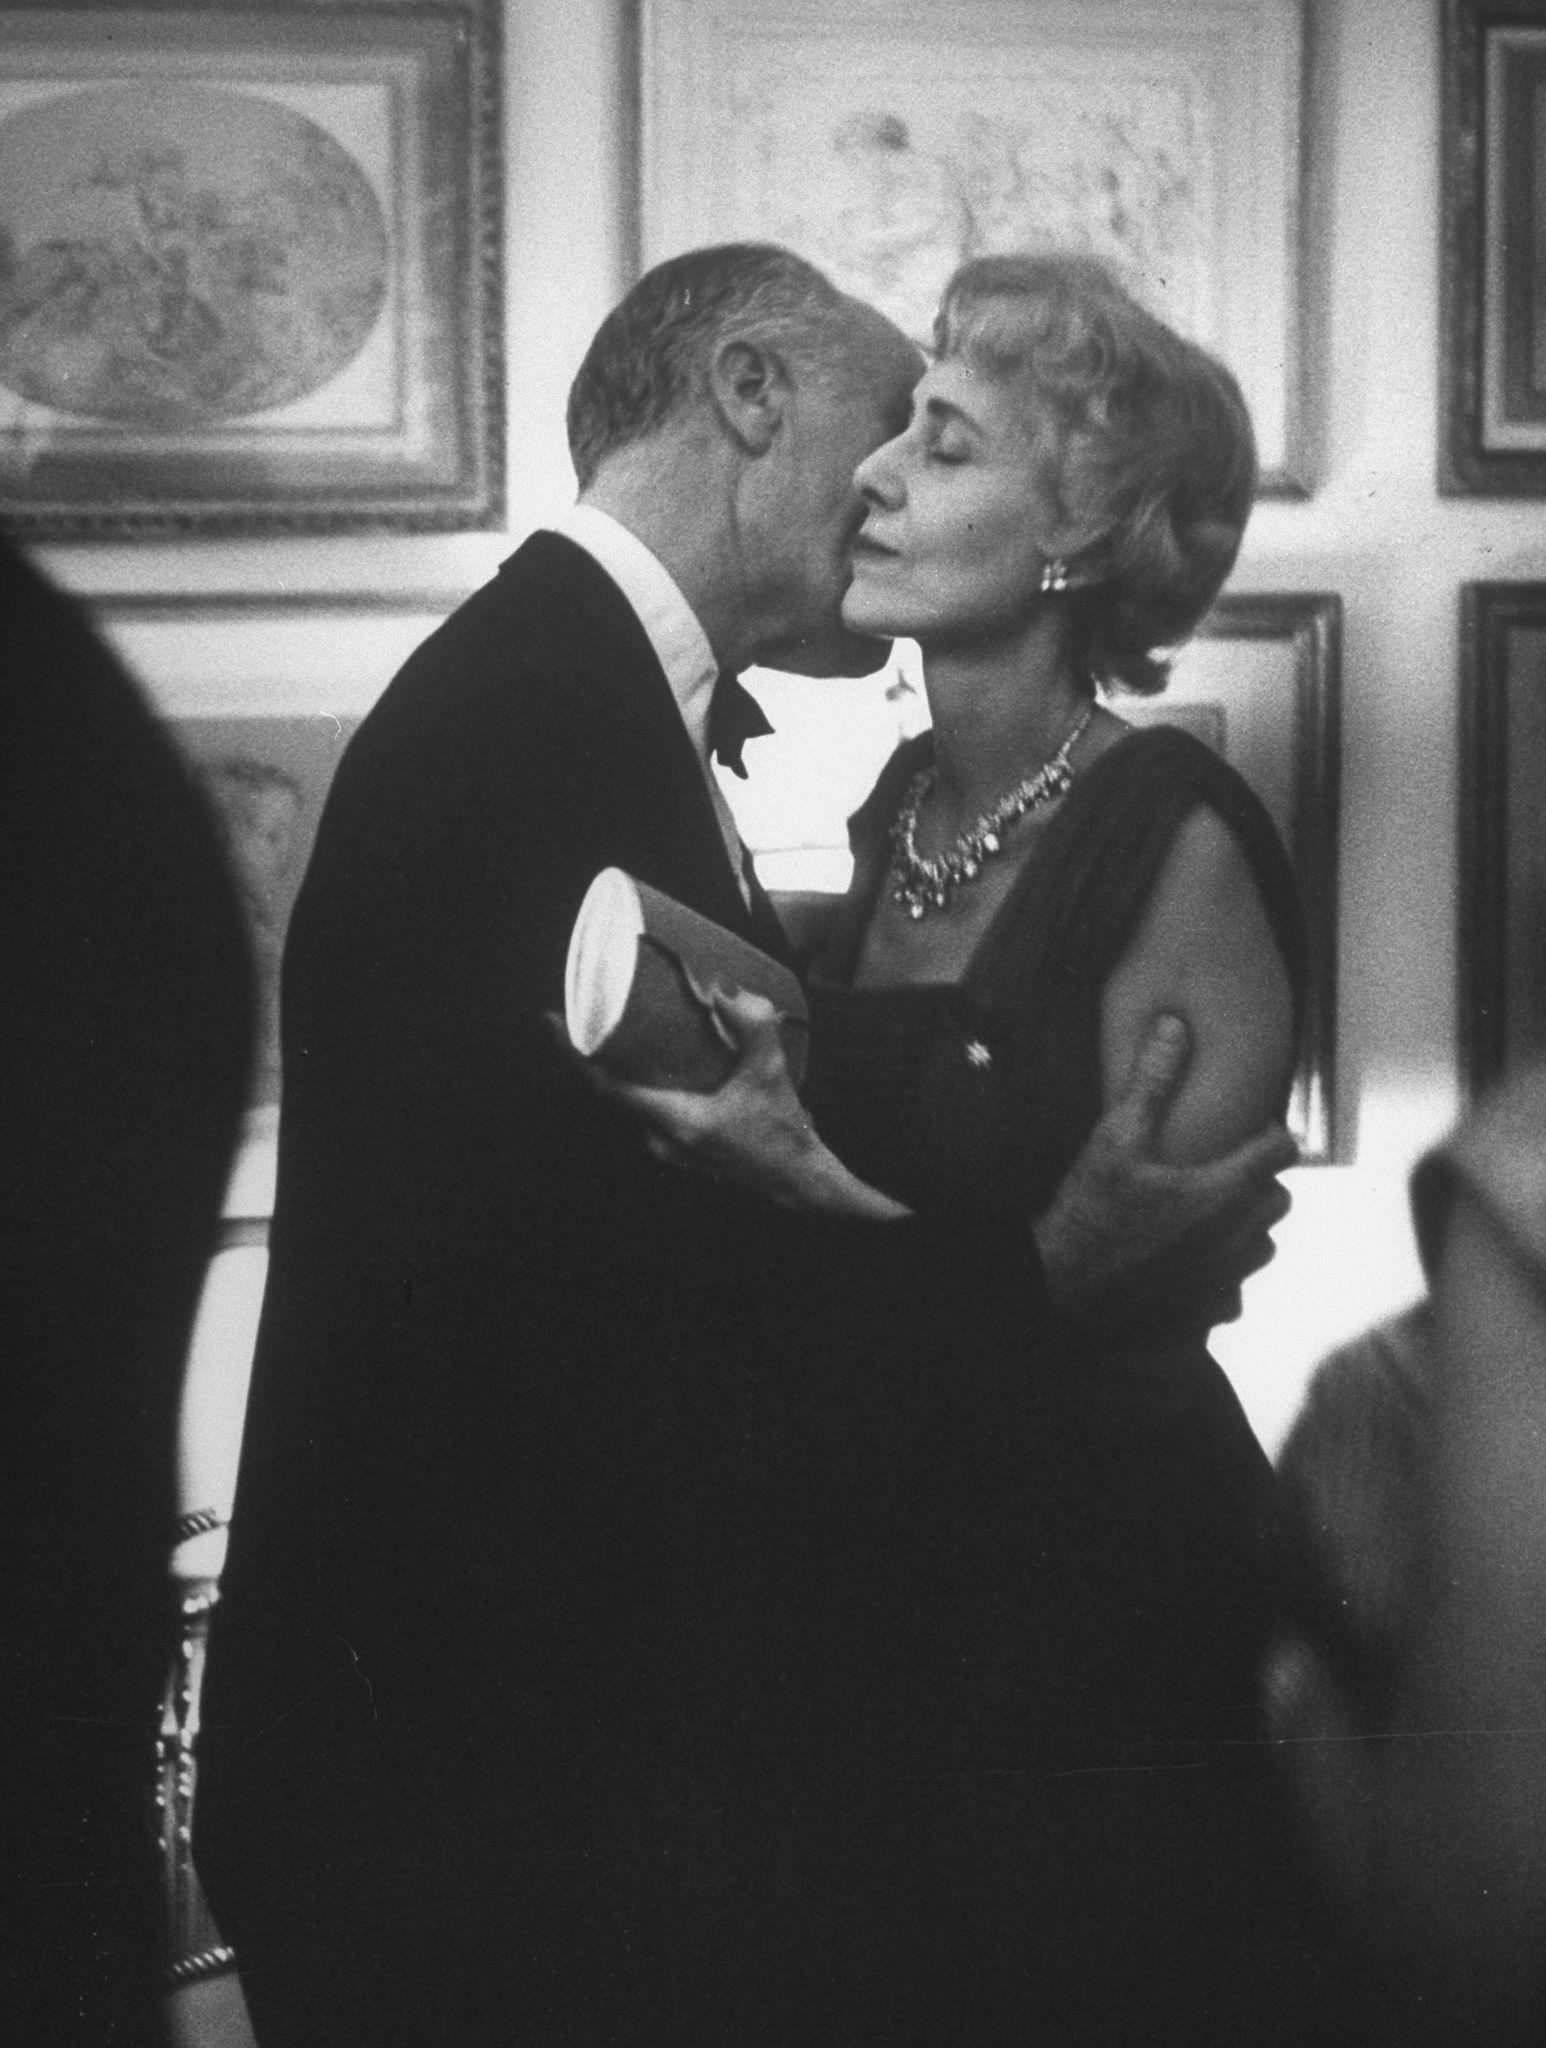 1956. Редактор журнала Time Генри Р. Люс обнимает свою жену Клэр Бут Люс на вечеринке в канун Нового года у театрального продюсера Гилберте Миллера.j…